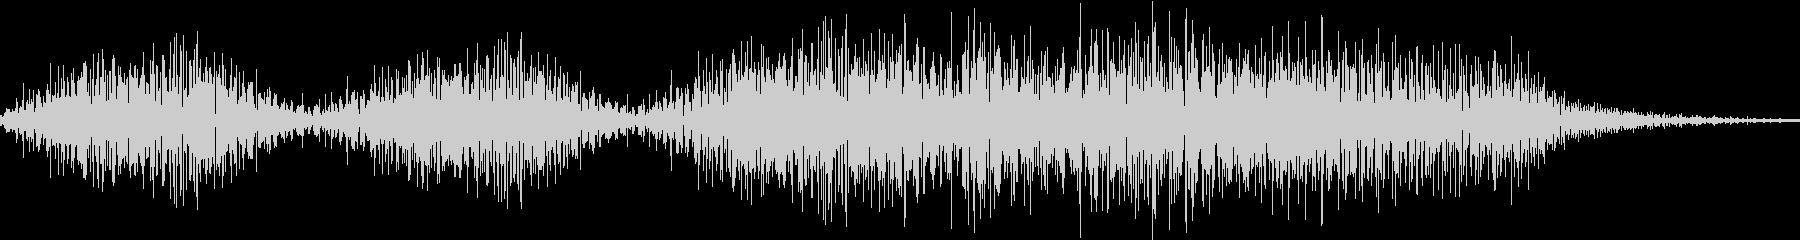 成功音の未再生の波形